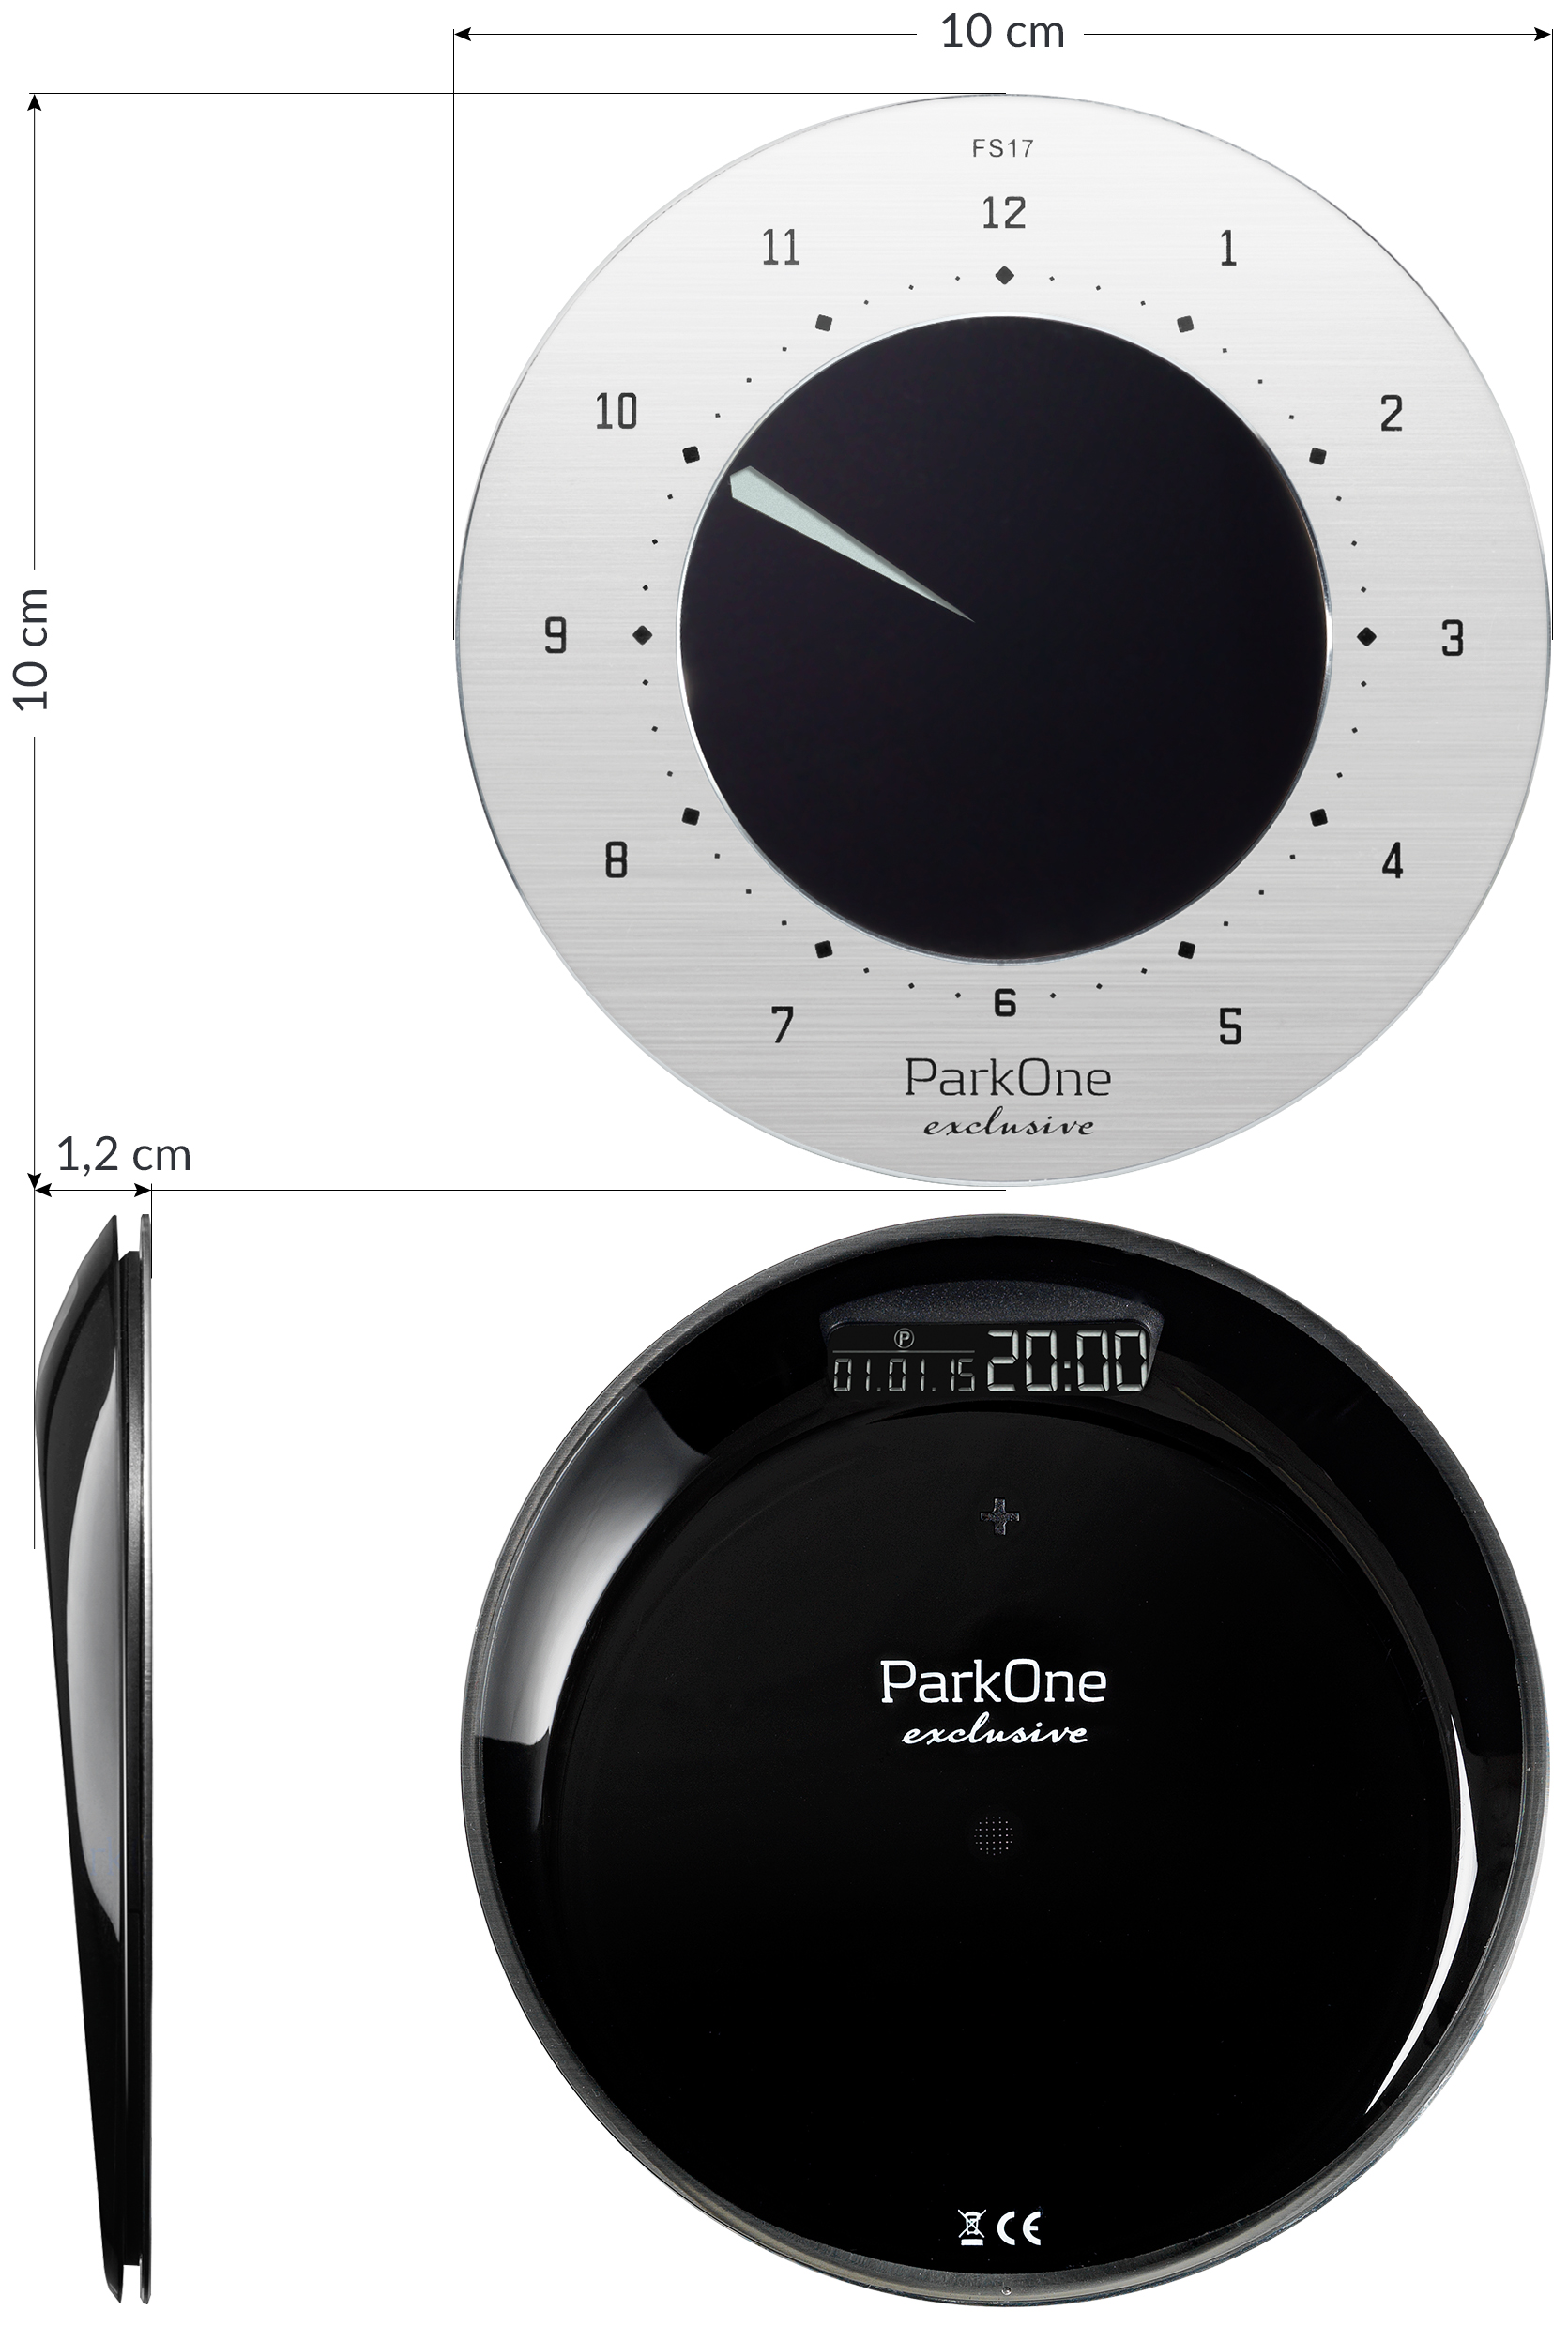 ParkOne exclusive dimensioner